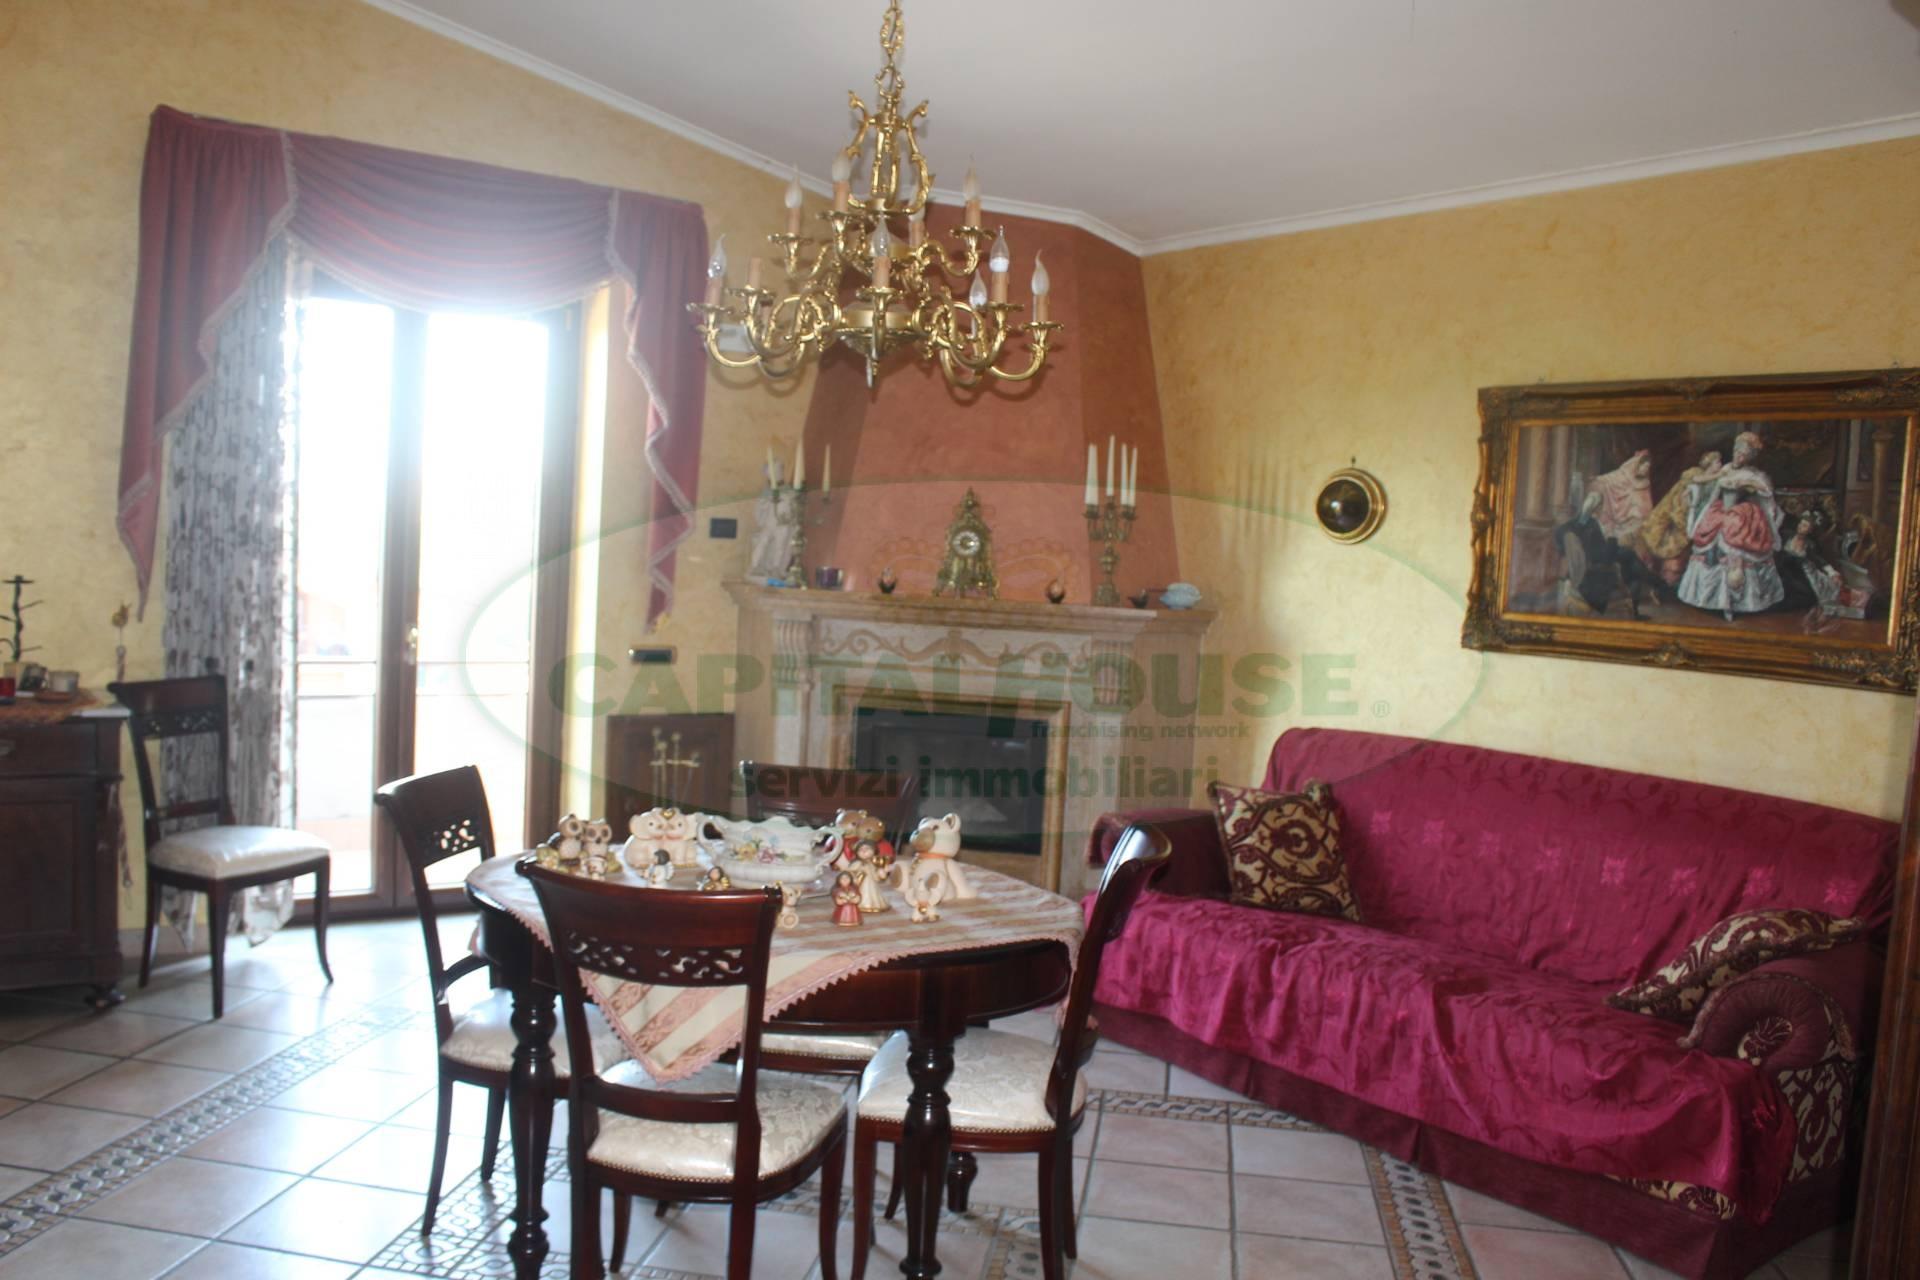 Appartamento in vendita a Capriglia Irpina, 4 locali, prezzo € 125.000 | CambioCasa.it